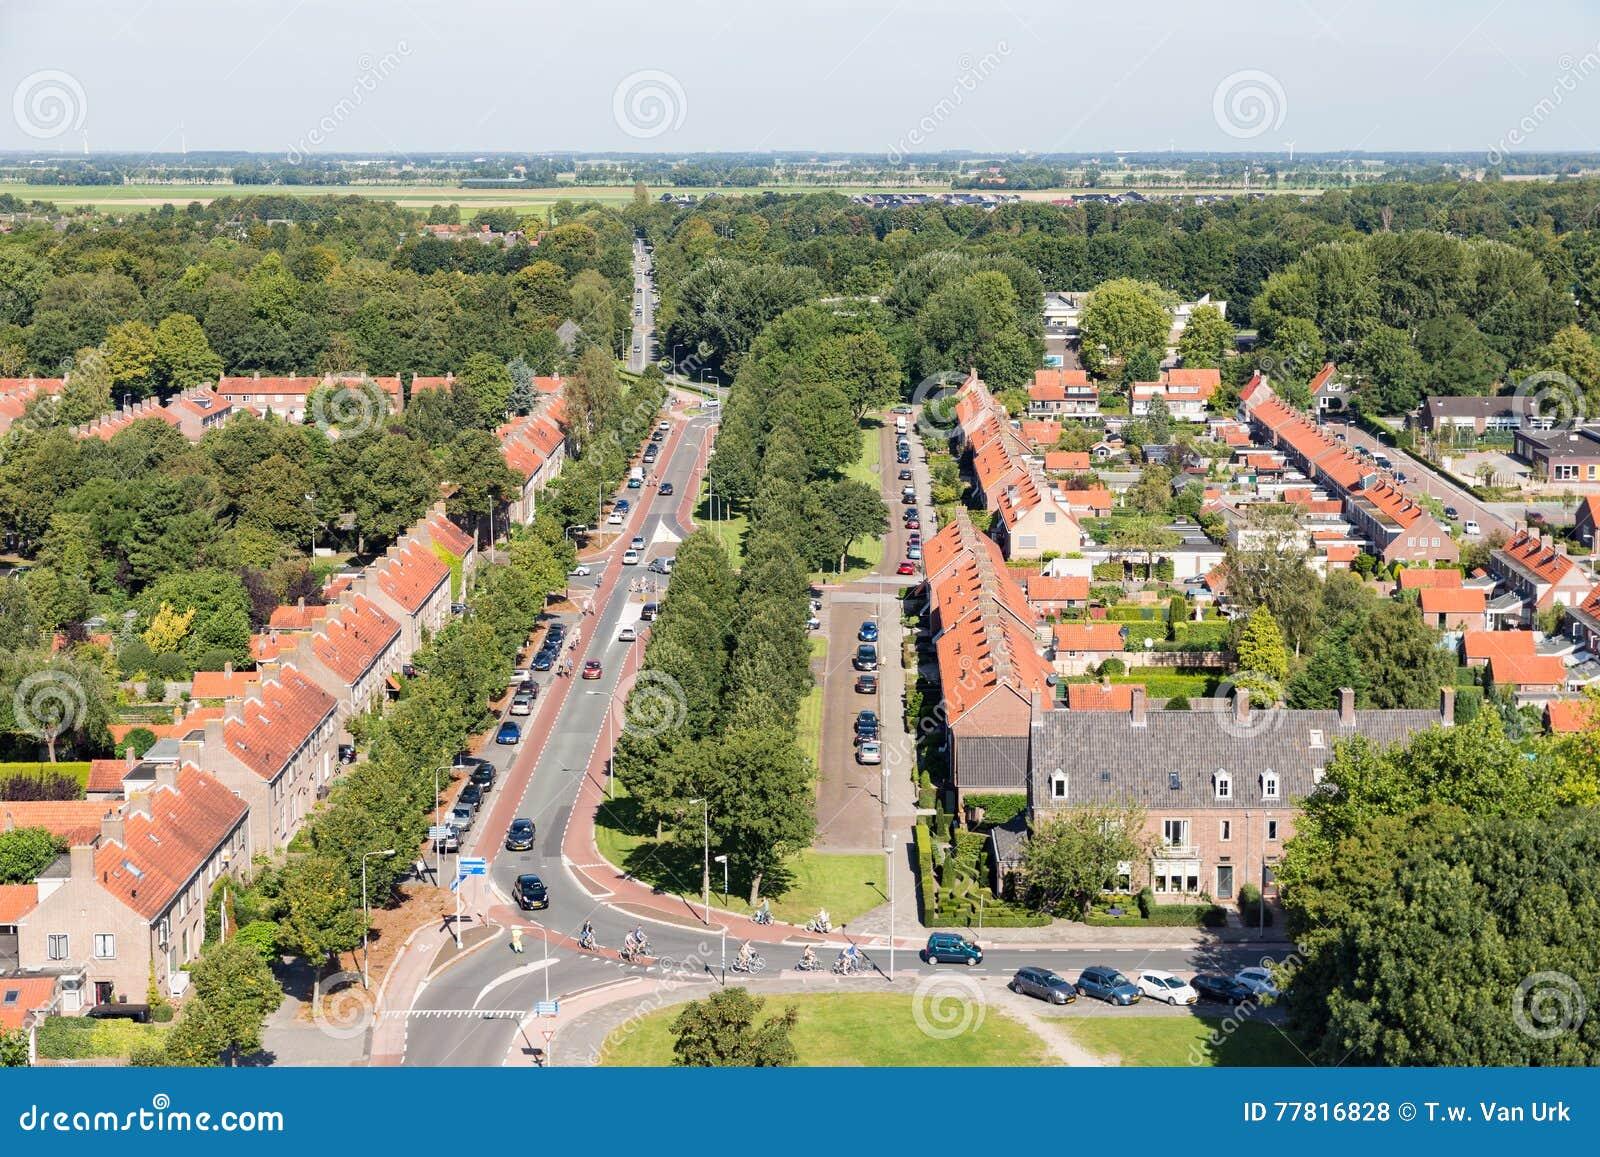 Área residencial de la visión aérea de Emmeloord, los Países Bajos